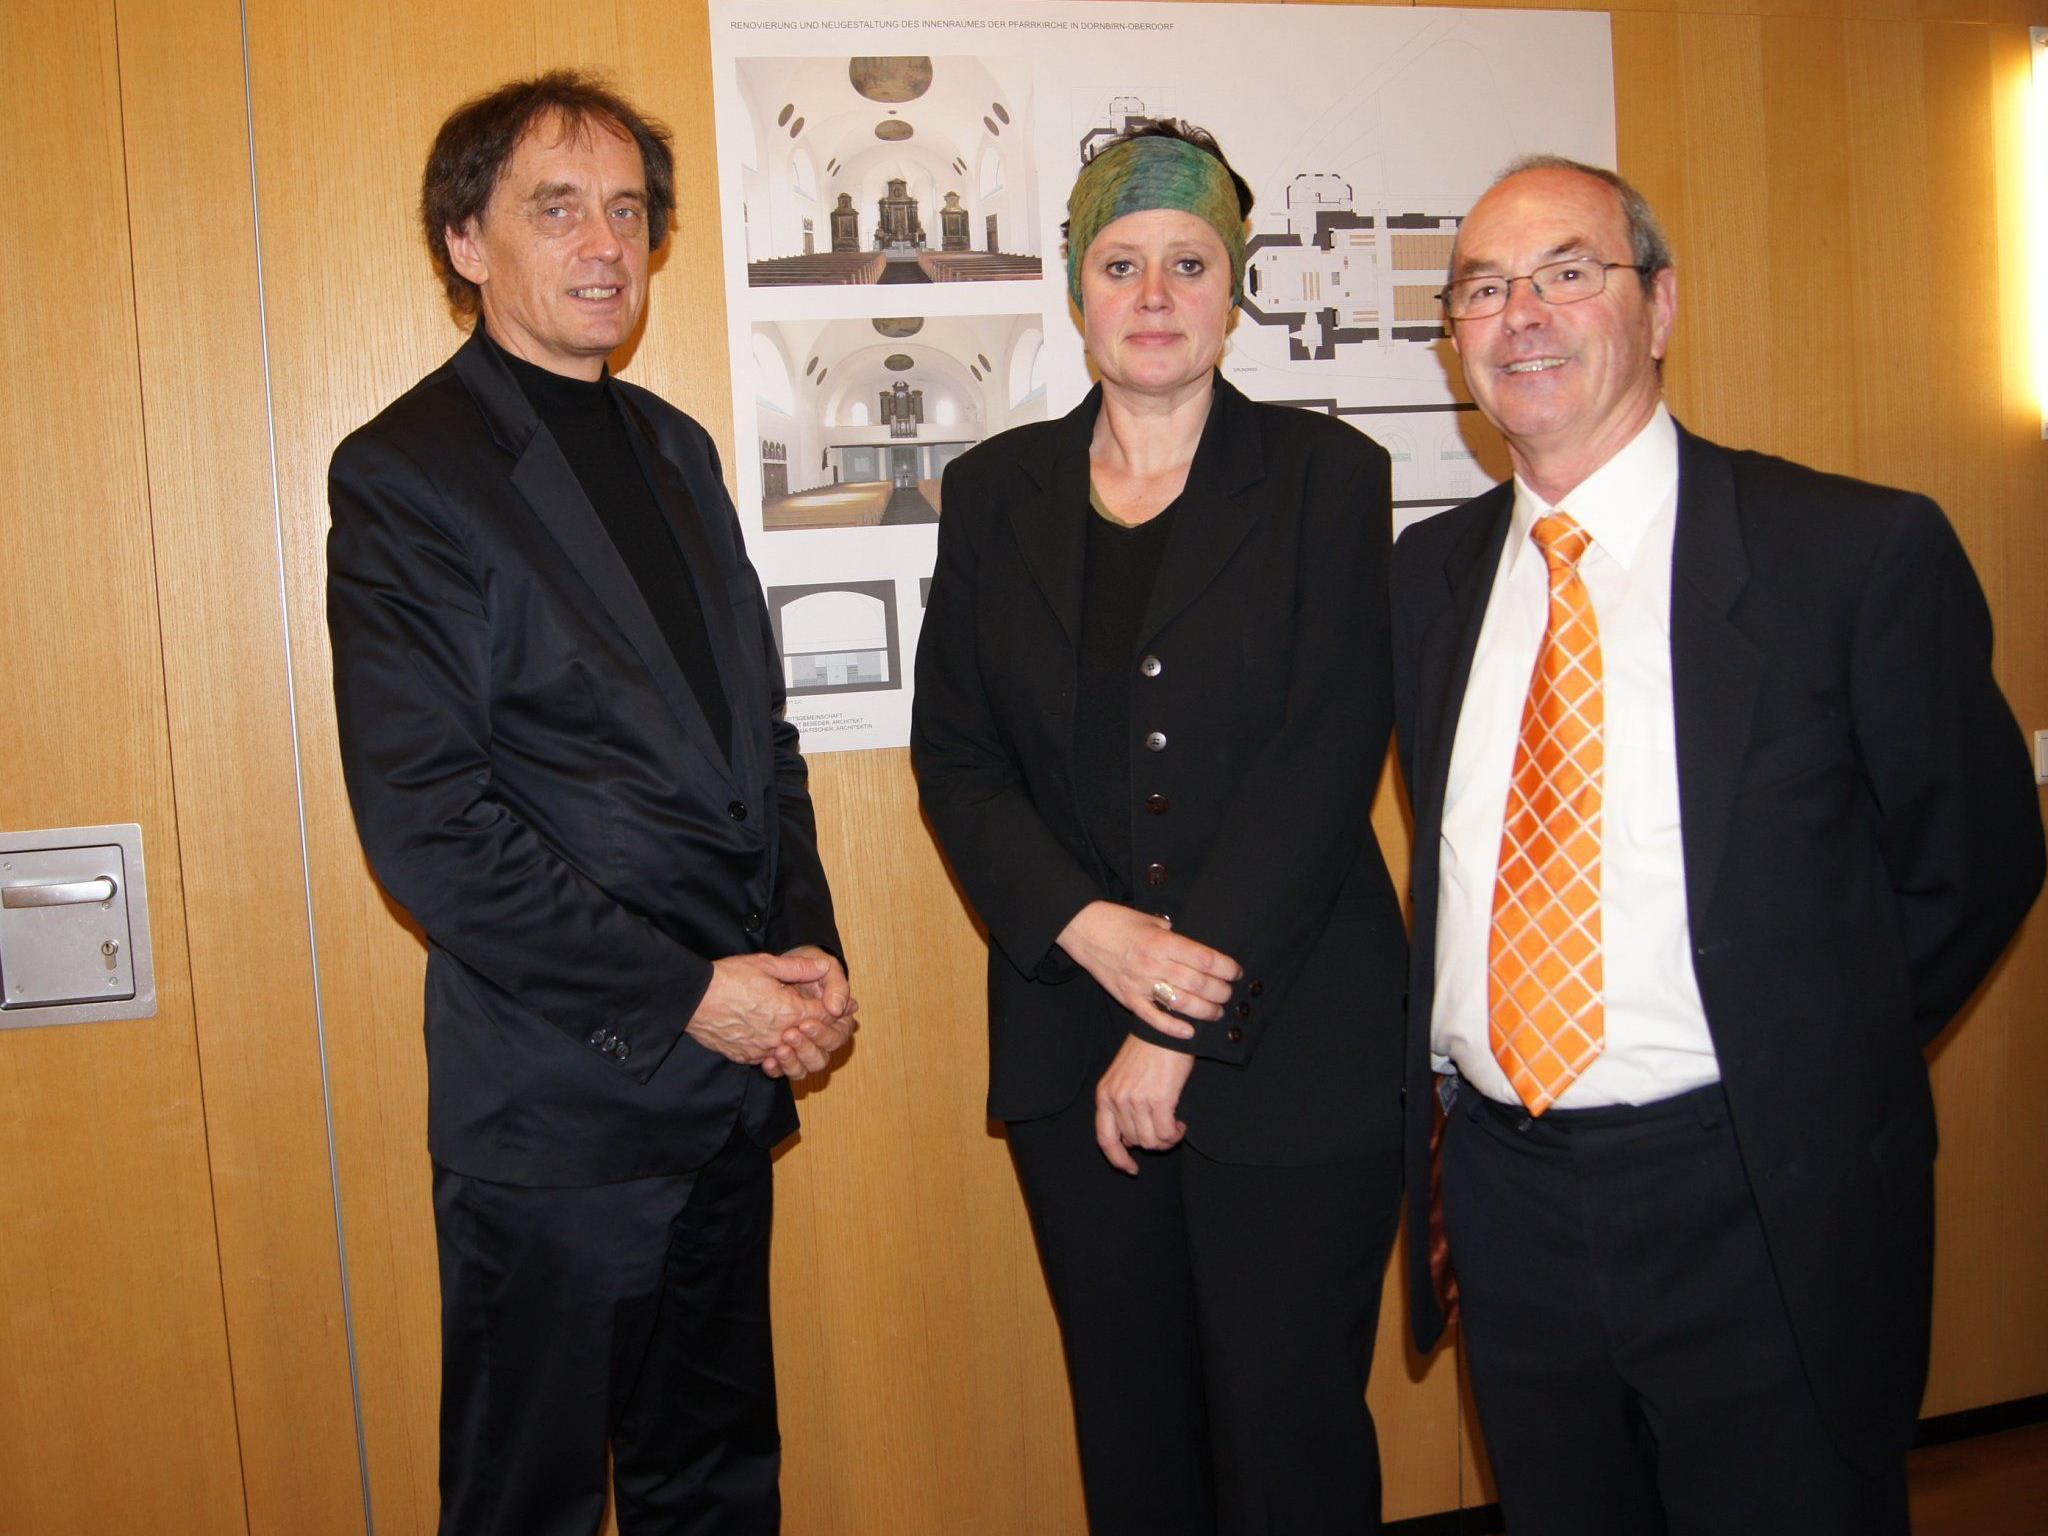 Mag. Wolfgang Klocker mit dem Architektenteam DI Ernst Beneder und DI Anja Fischer.